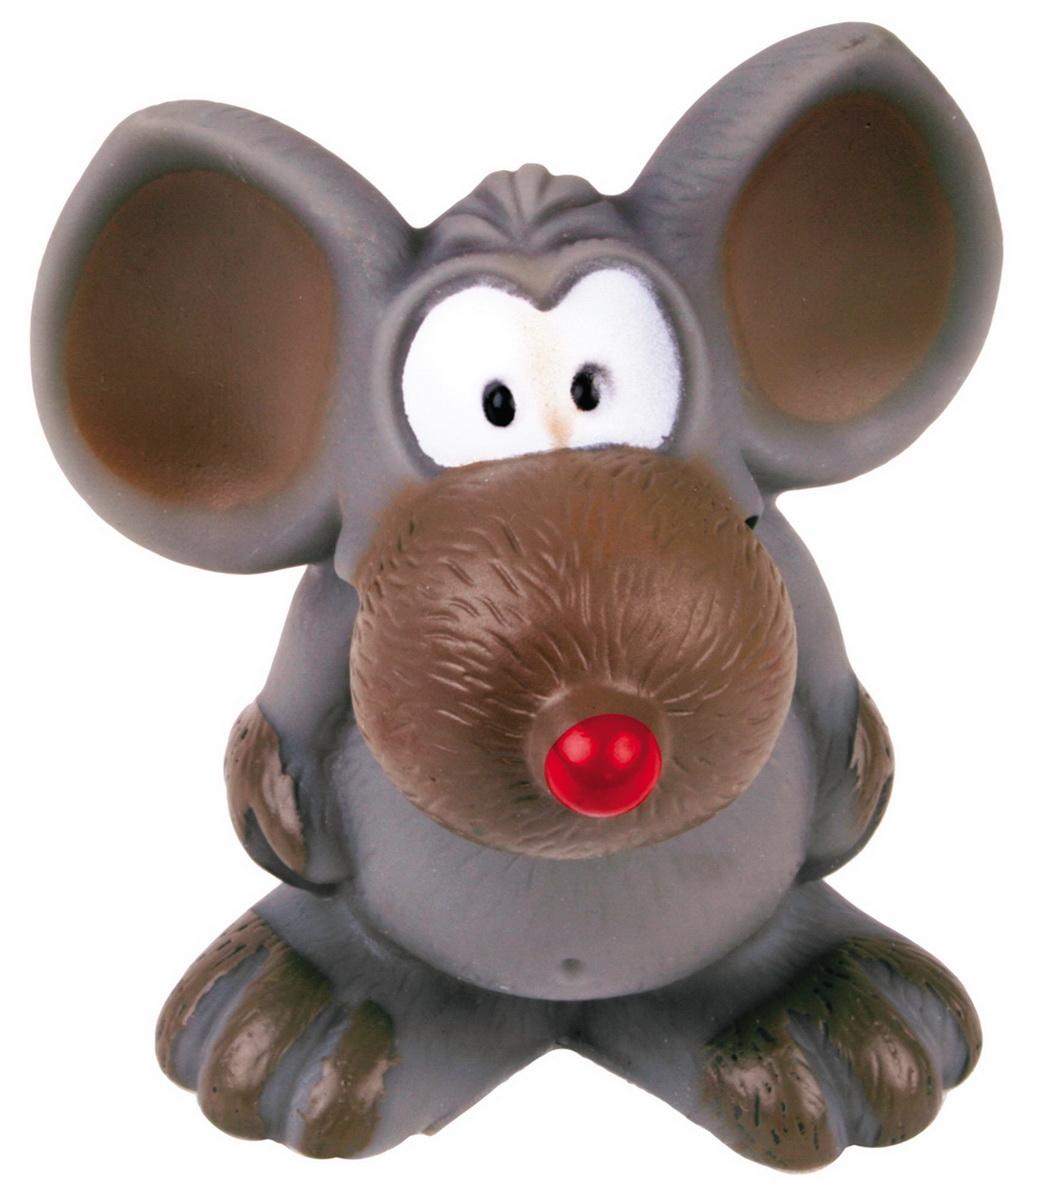 Игрушка для собак Dezzie Мышь, высота 10 см0120710Игрушка для собак Dezzie Мышь изготовлена из винила в виде мышки. Такая игрушка практична, функциональна и совершенно безопасна для здоровья животного. Ее легко мыть и дезинфицировать. Игрушка очень легкая, поэтому собаке совсем нетрудно брать ее в пасть и переносить с места на место. Игрушка для собак Dezzie Мышь станет прекрасным подарком для неугомонного четвероногого питомца.Высота игрушки: 10 см.